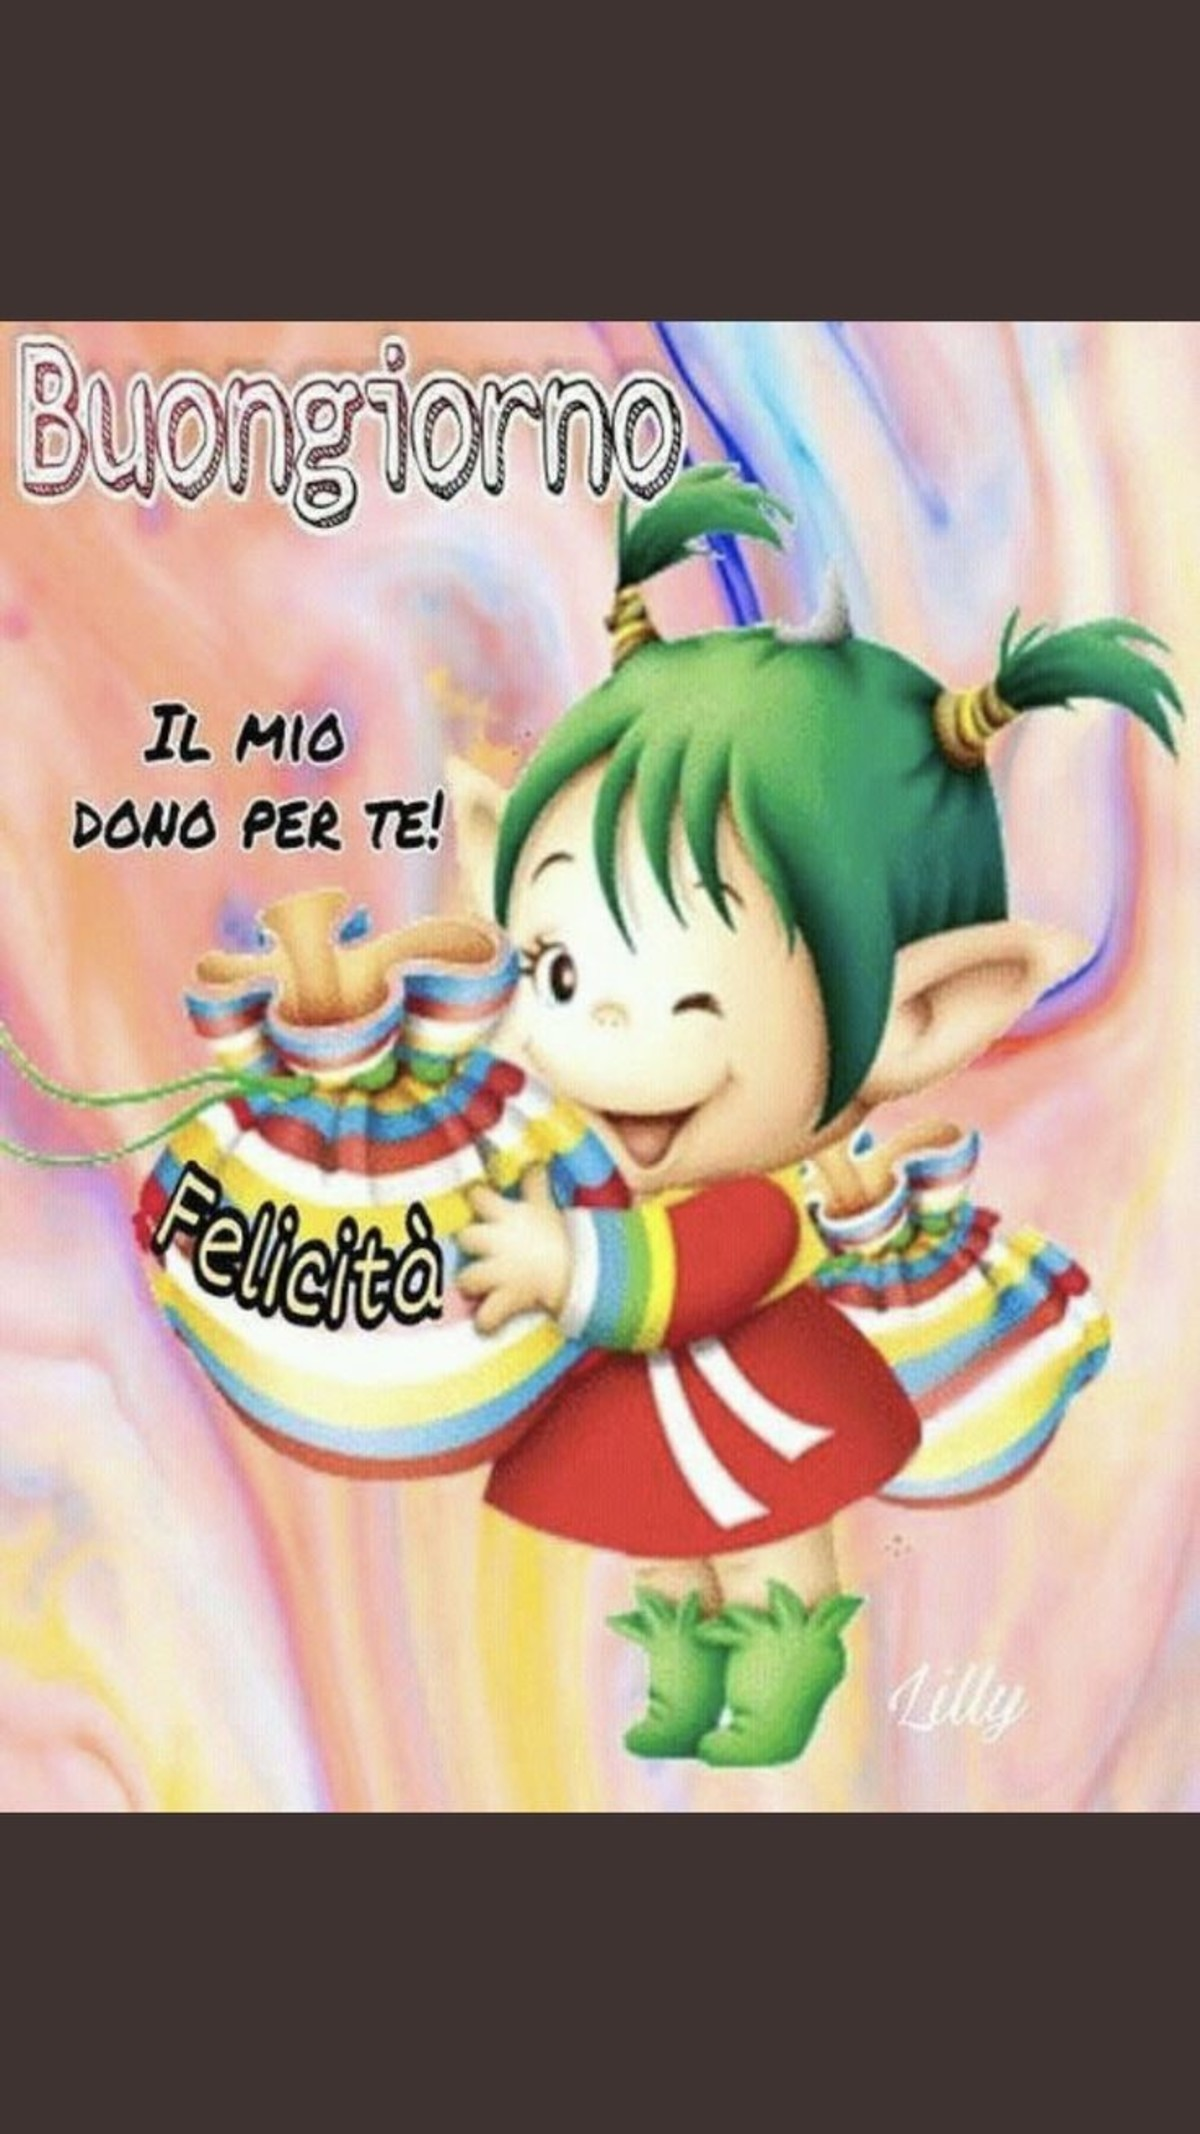 Buongiorno Allegro 4 Buongiornoate It